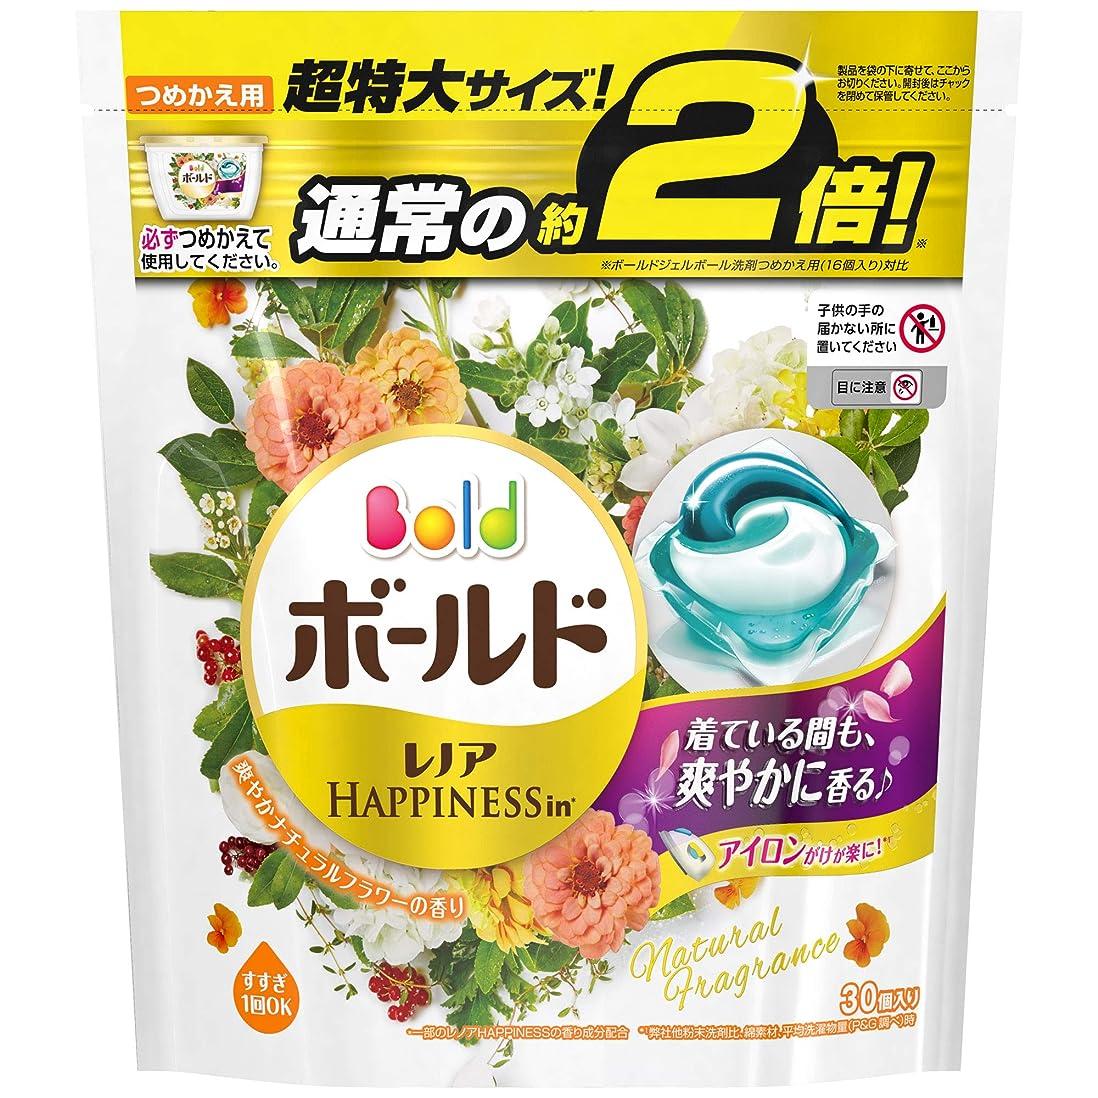 フェローシップジュース発疹ボールド 洗濯洗剤 ジェルボール3D 爽やかナチュラルフラワーの香り 詰め替え 超特大 30個